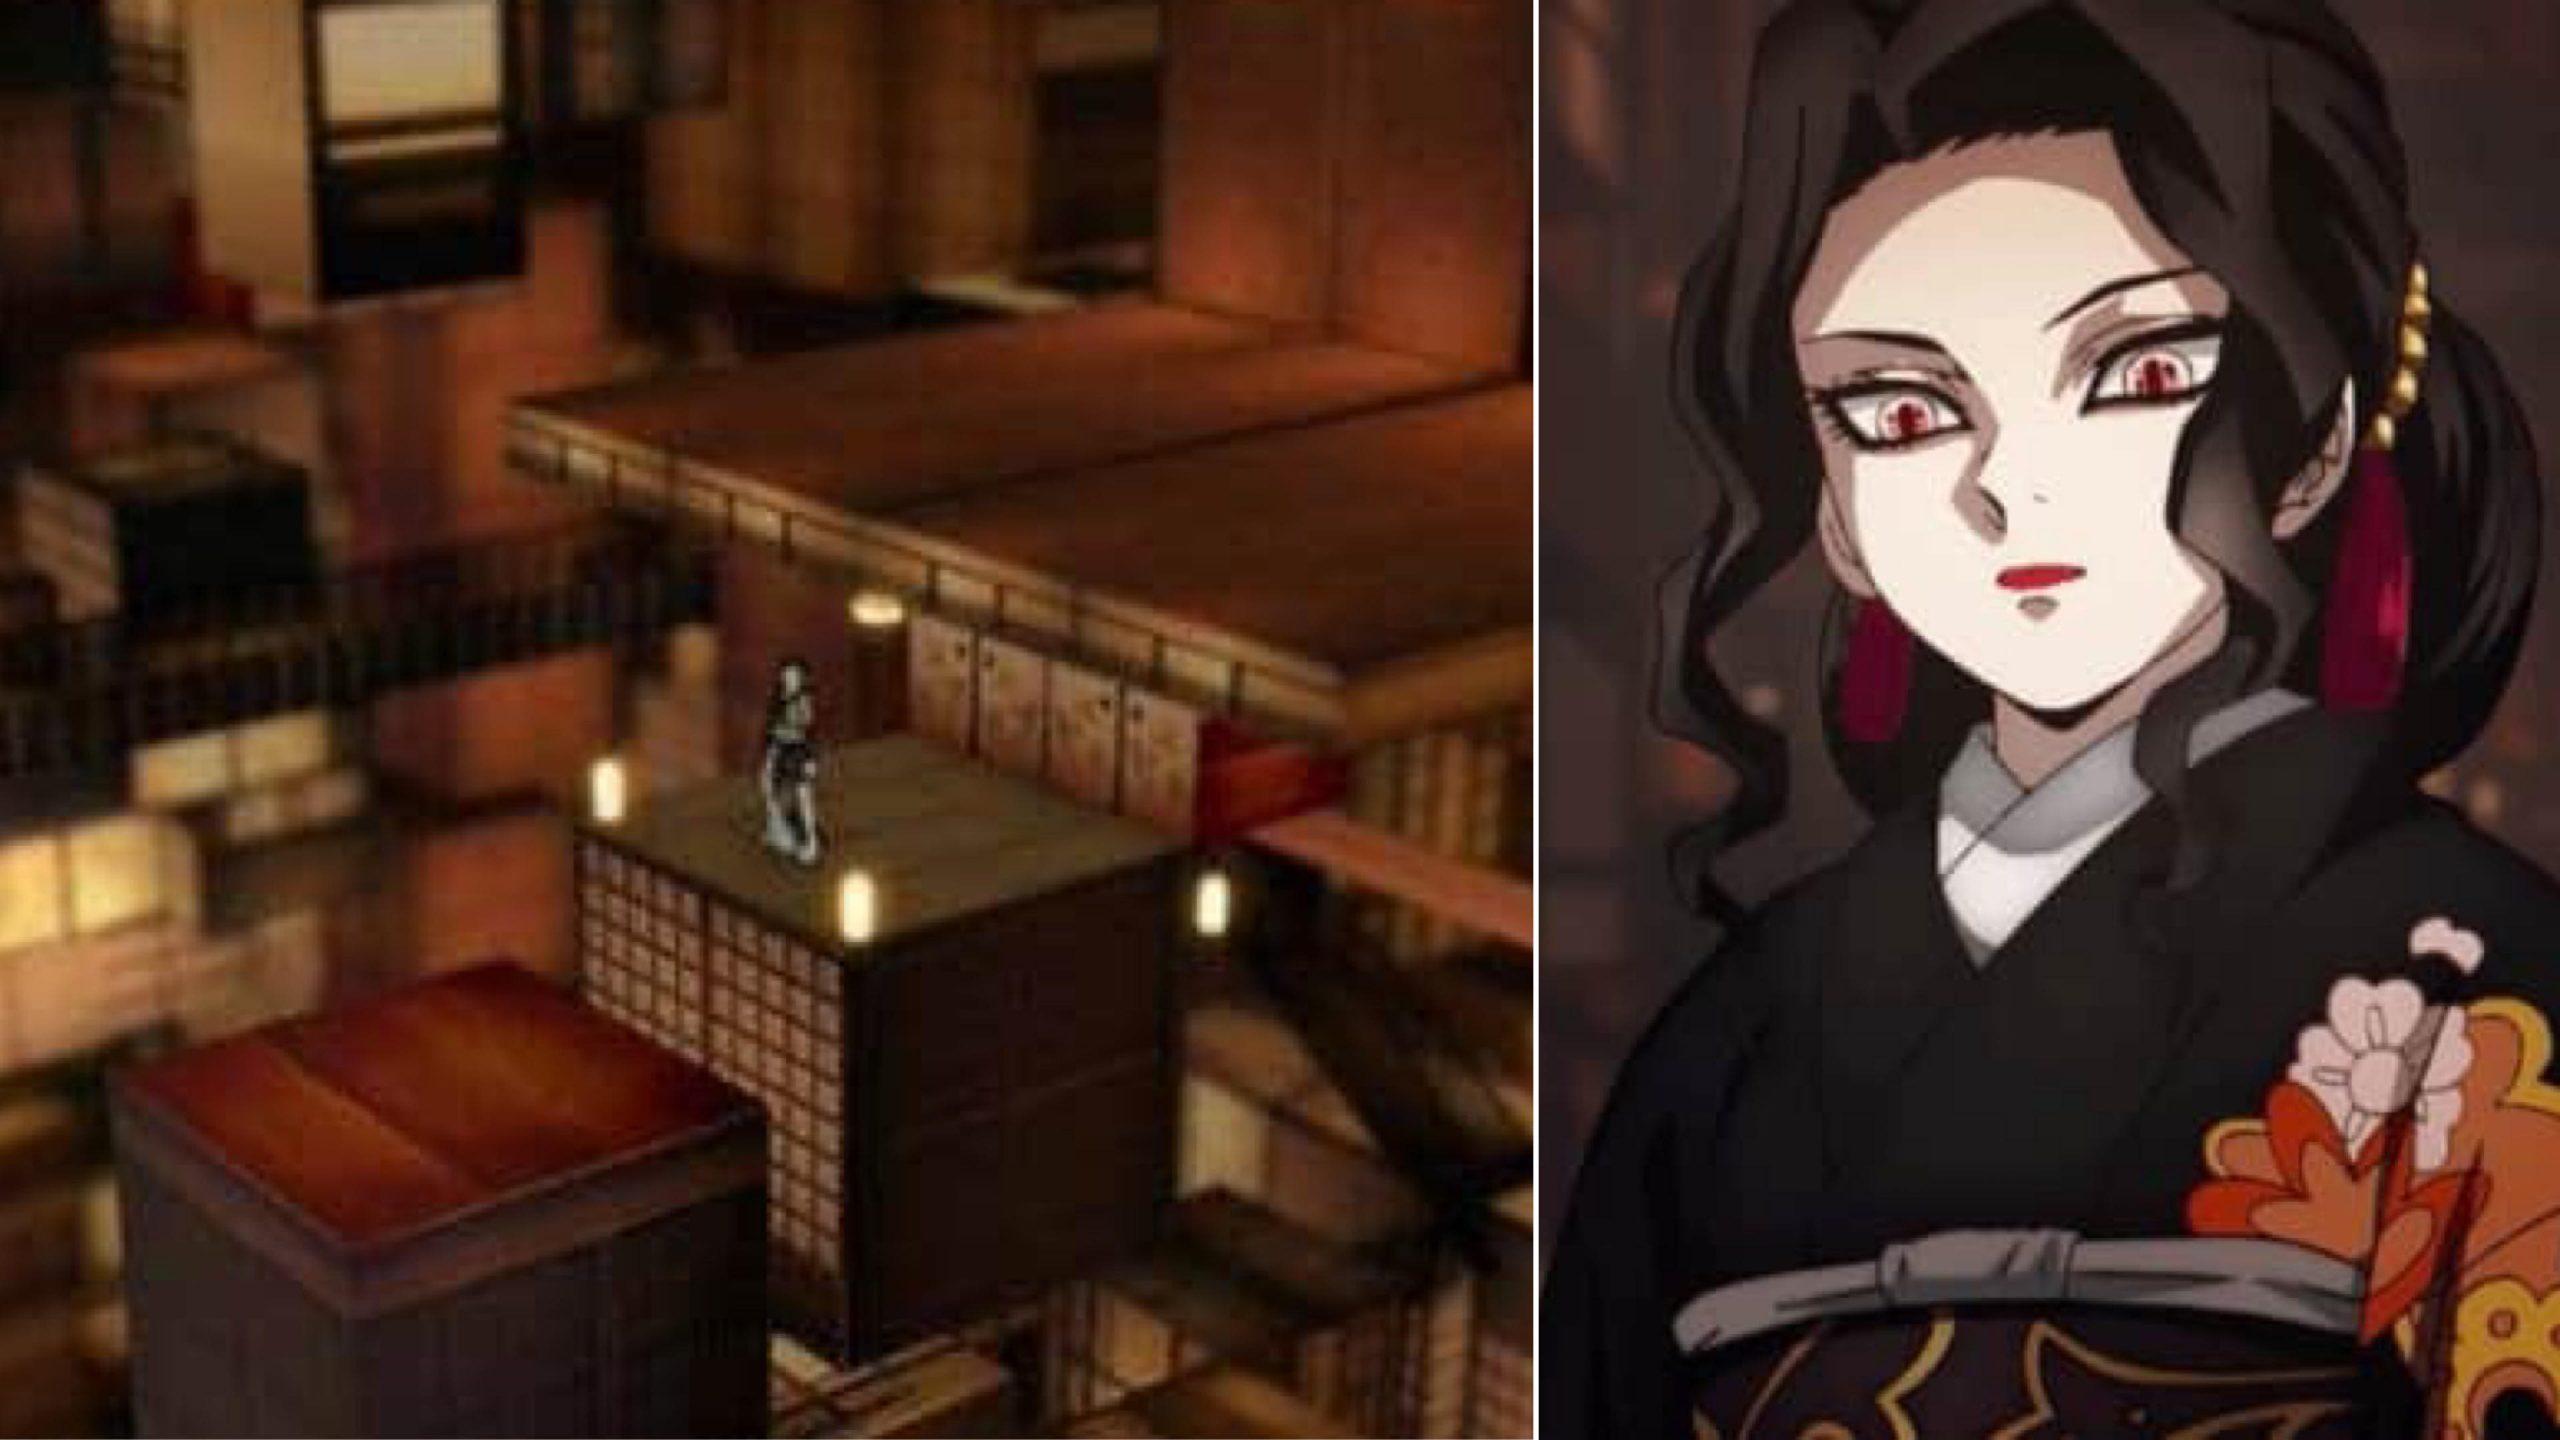 重現《鬼滅之刃》場景!日本一家溫泉旅館因太像「無限城」真實場景而爆紅… – 動漫的故事